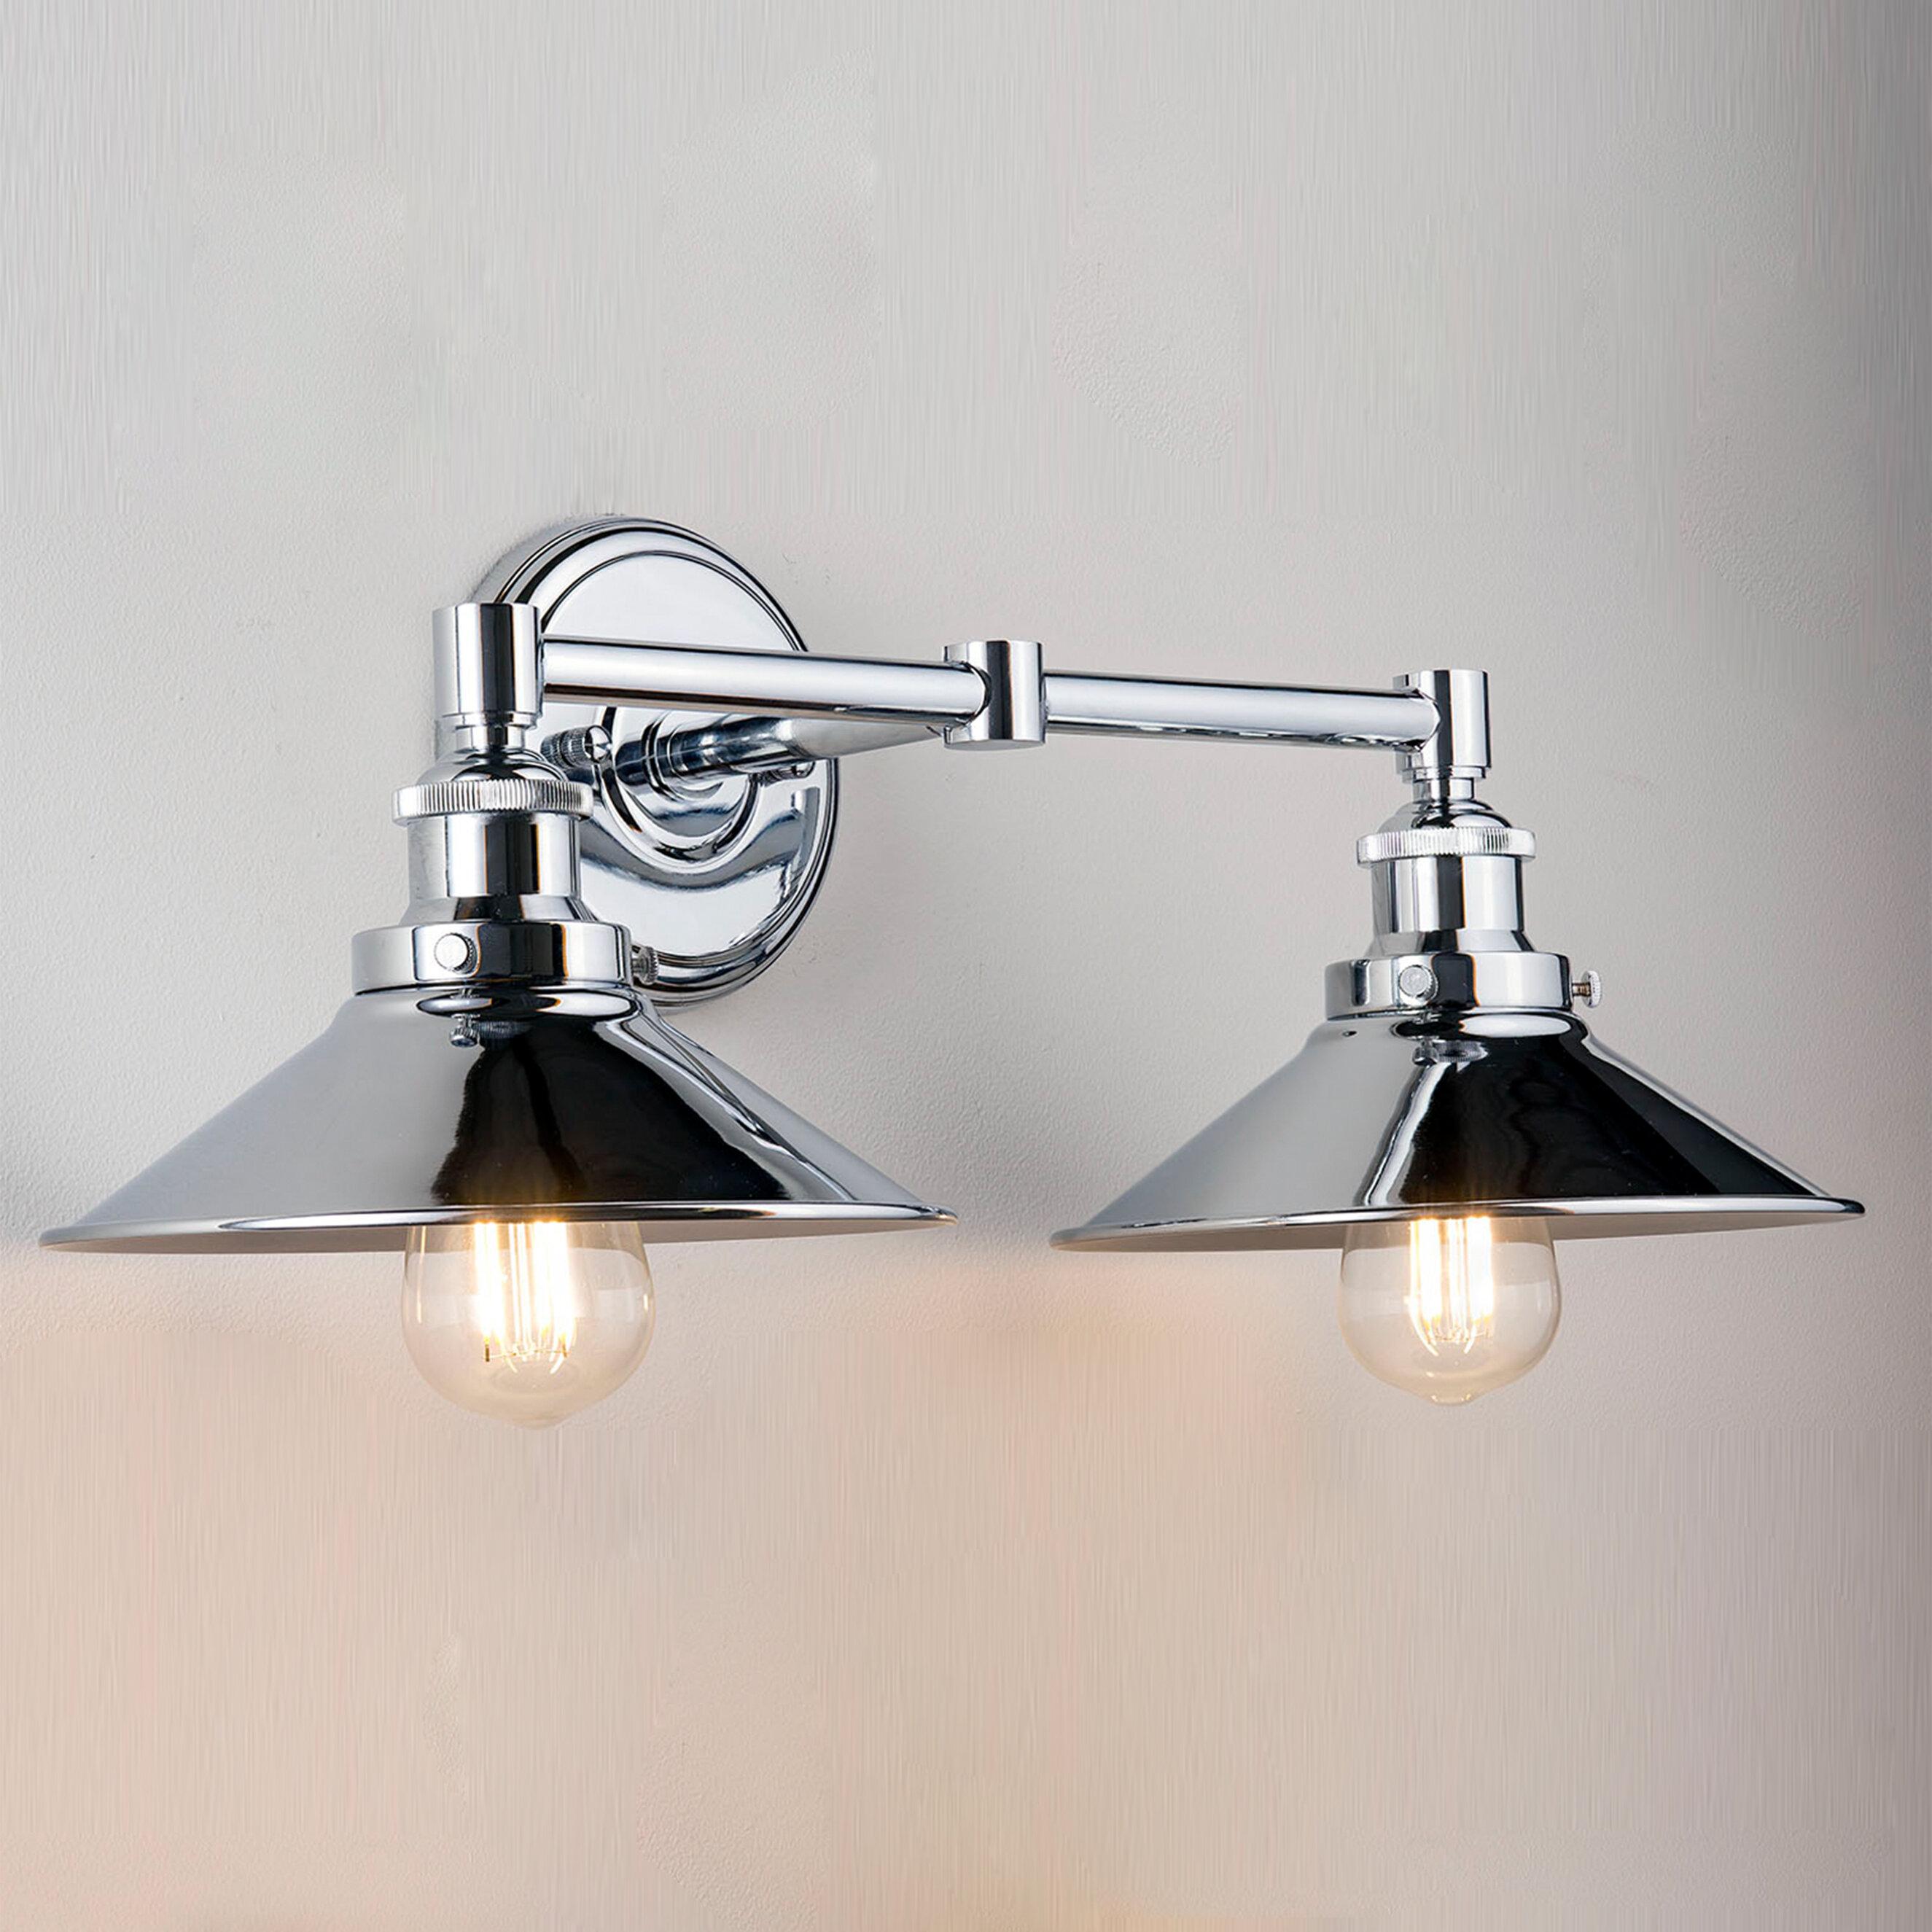 Industrial Vanity Lights You Ll Love In 2021 Wayfair